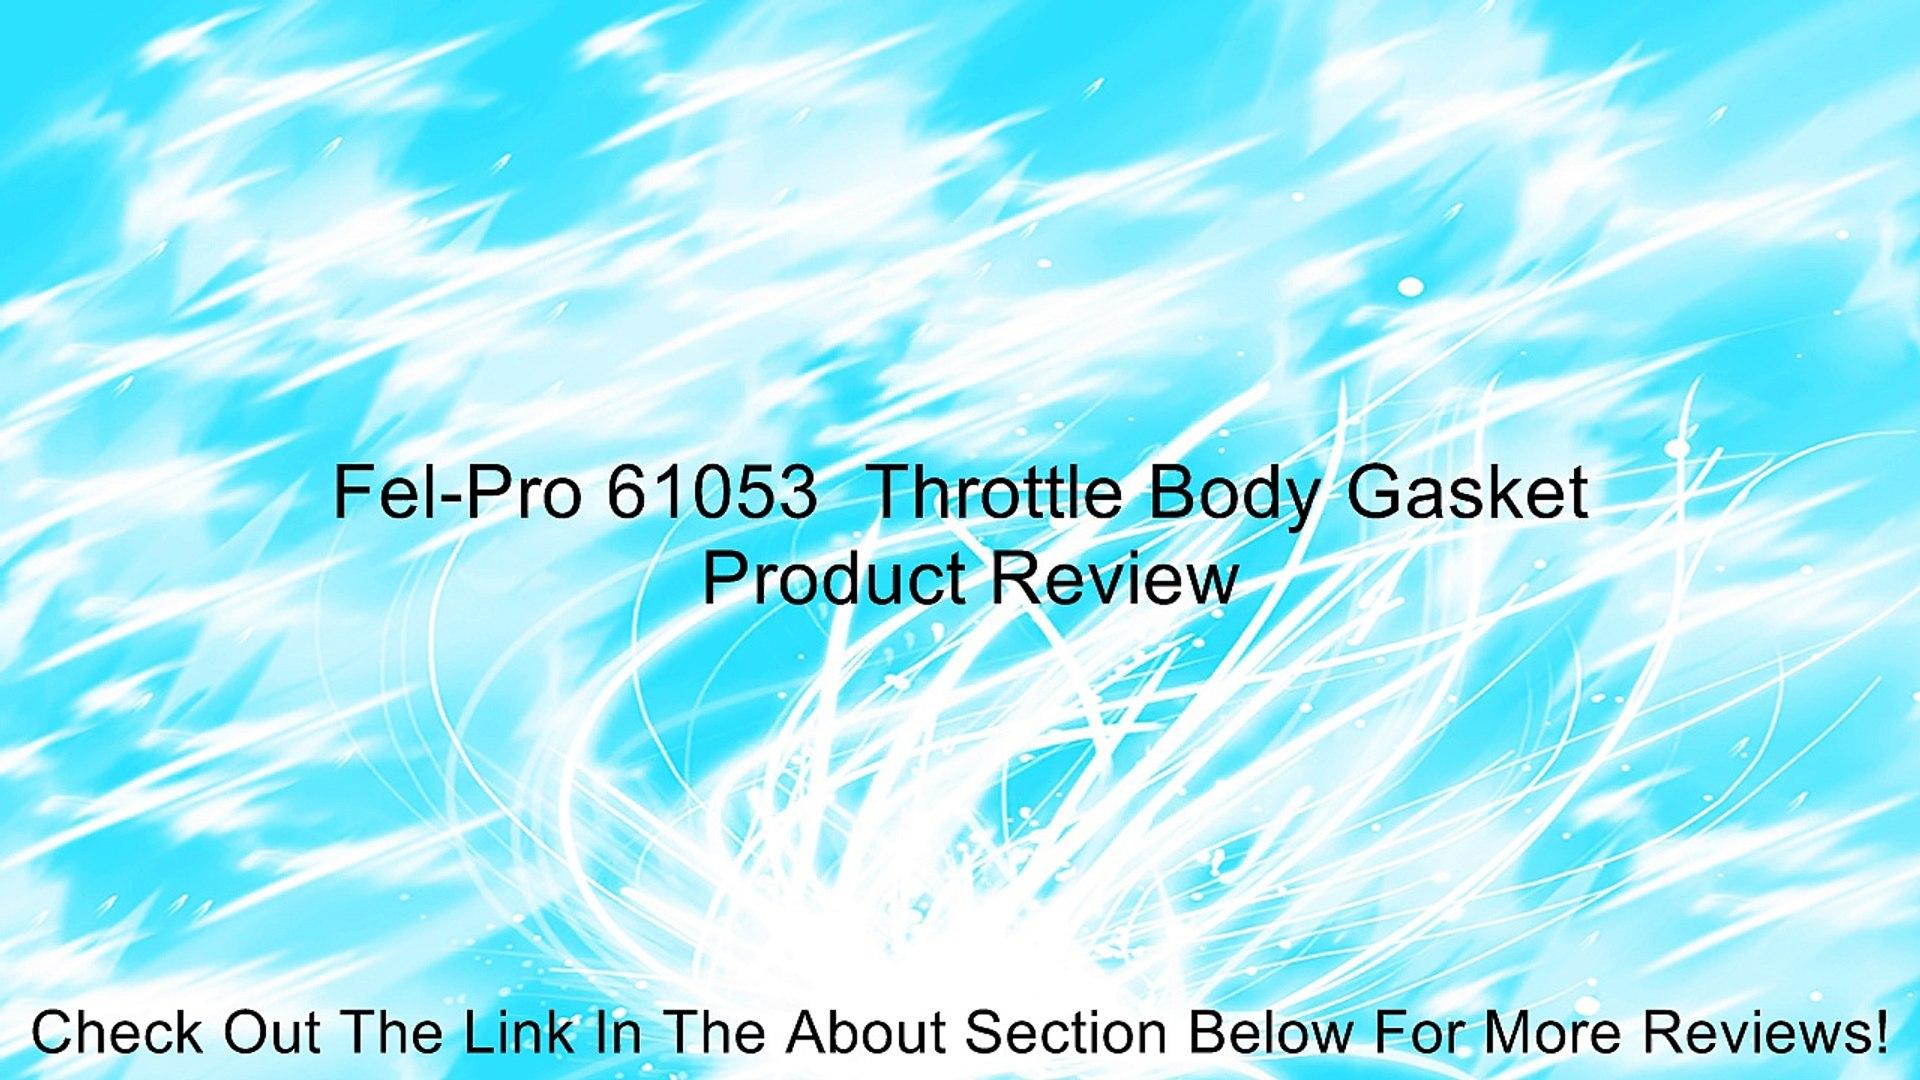 Fel-Pro 26182PT Head Gasket